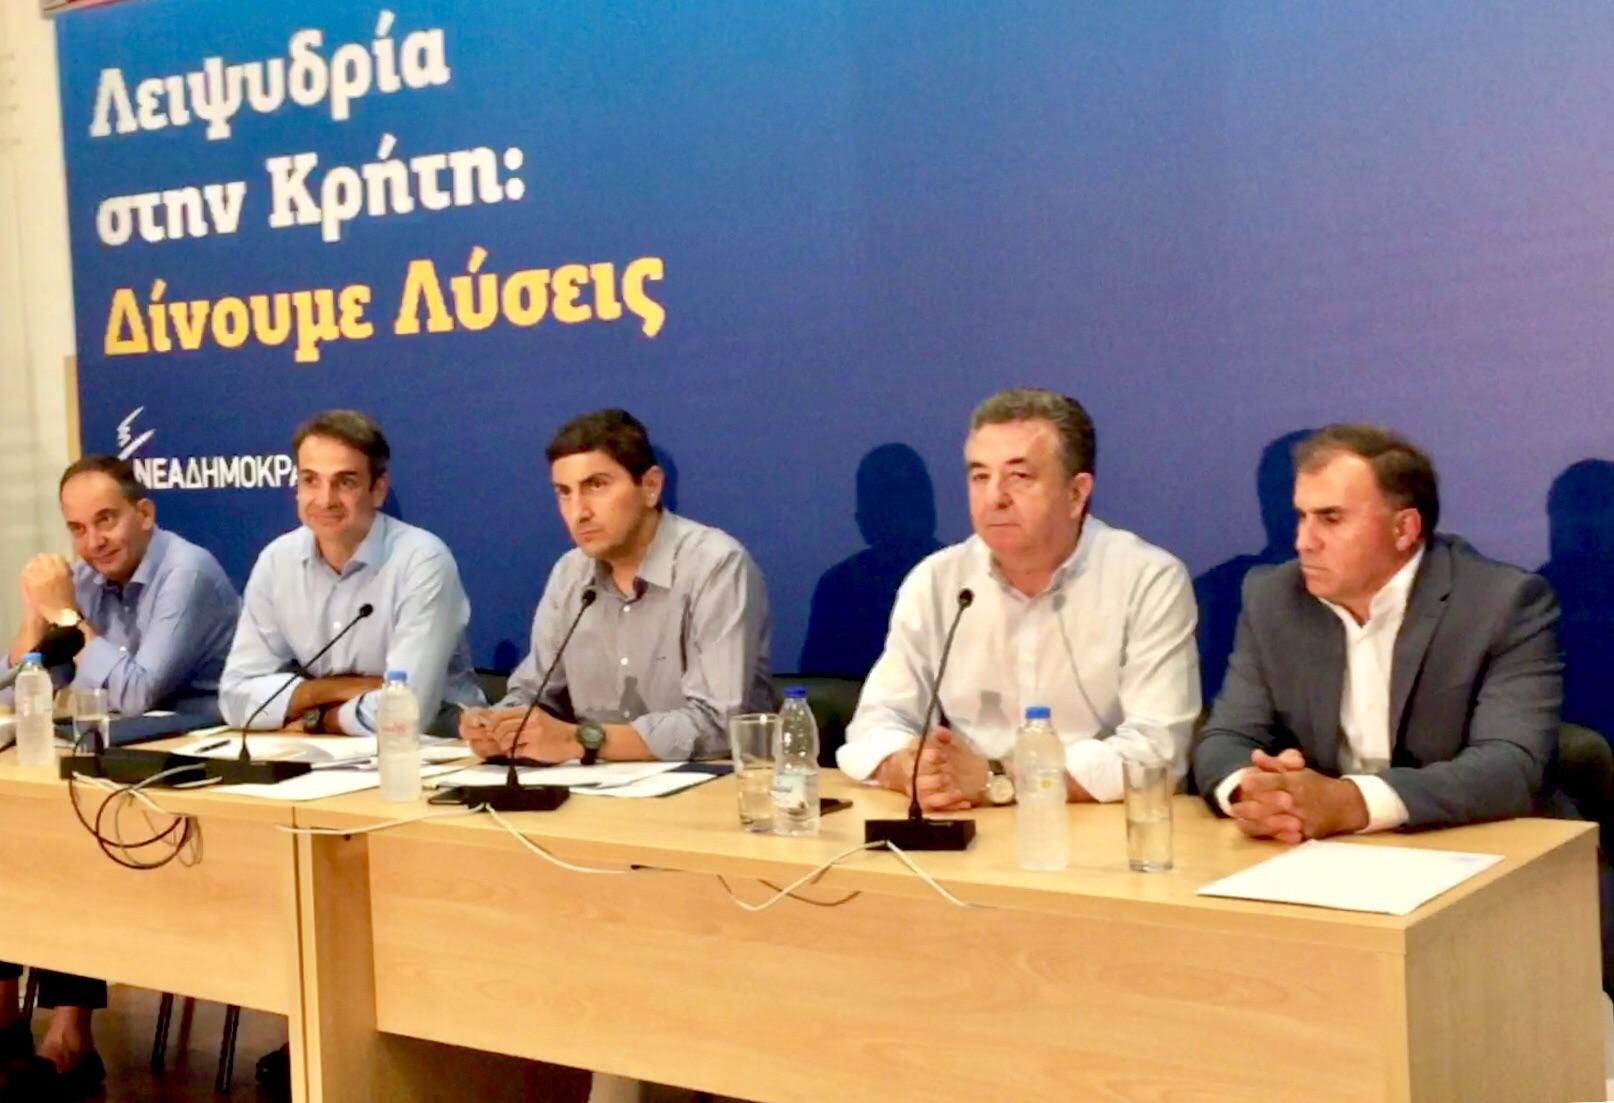 Περιφέρεια Κρήτης στηρίζει την ενιαία διαχείριση των νερών με φορέα τον ΟΑΚ